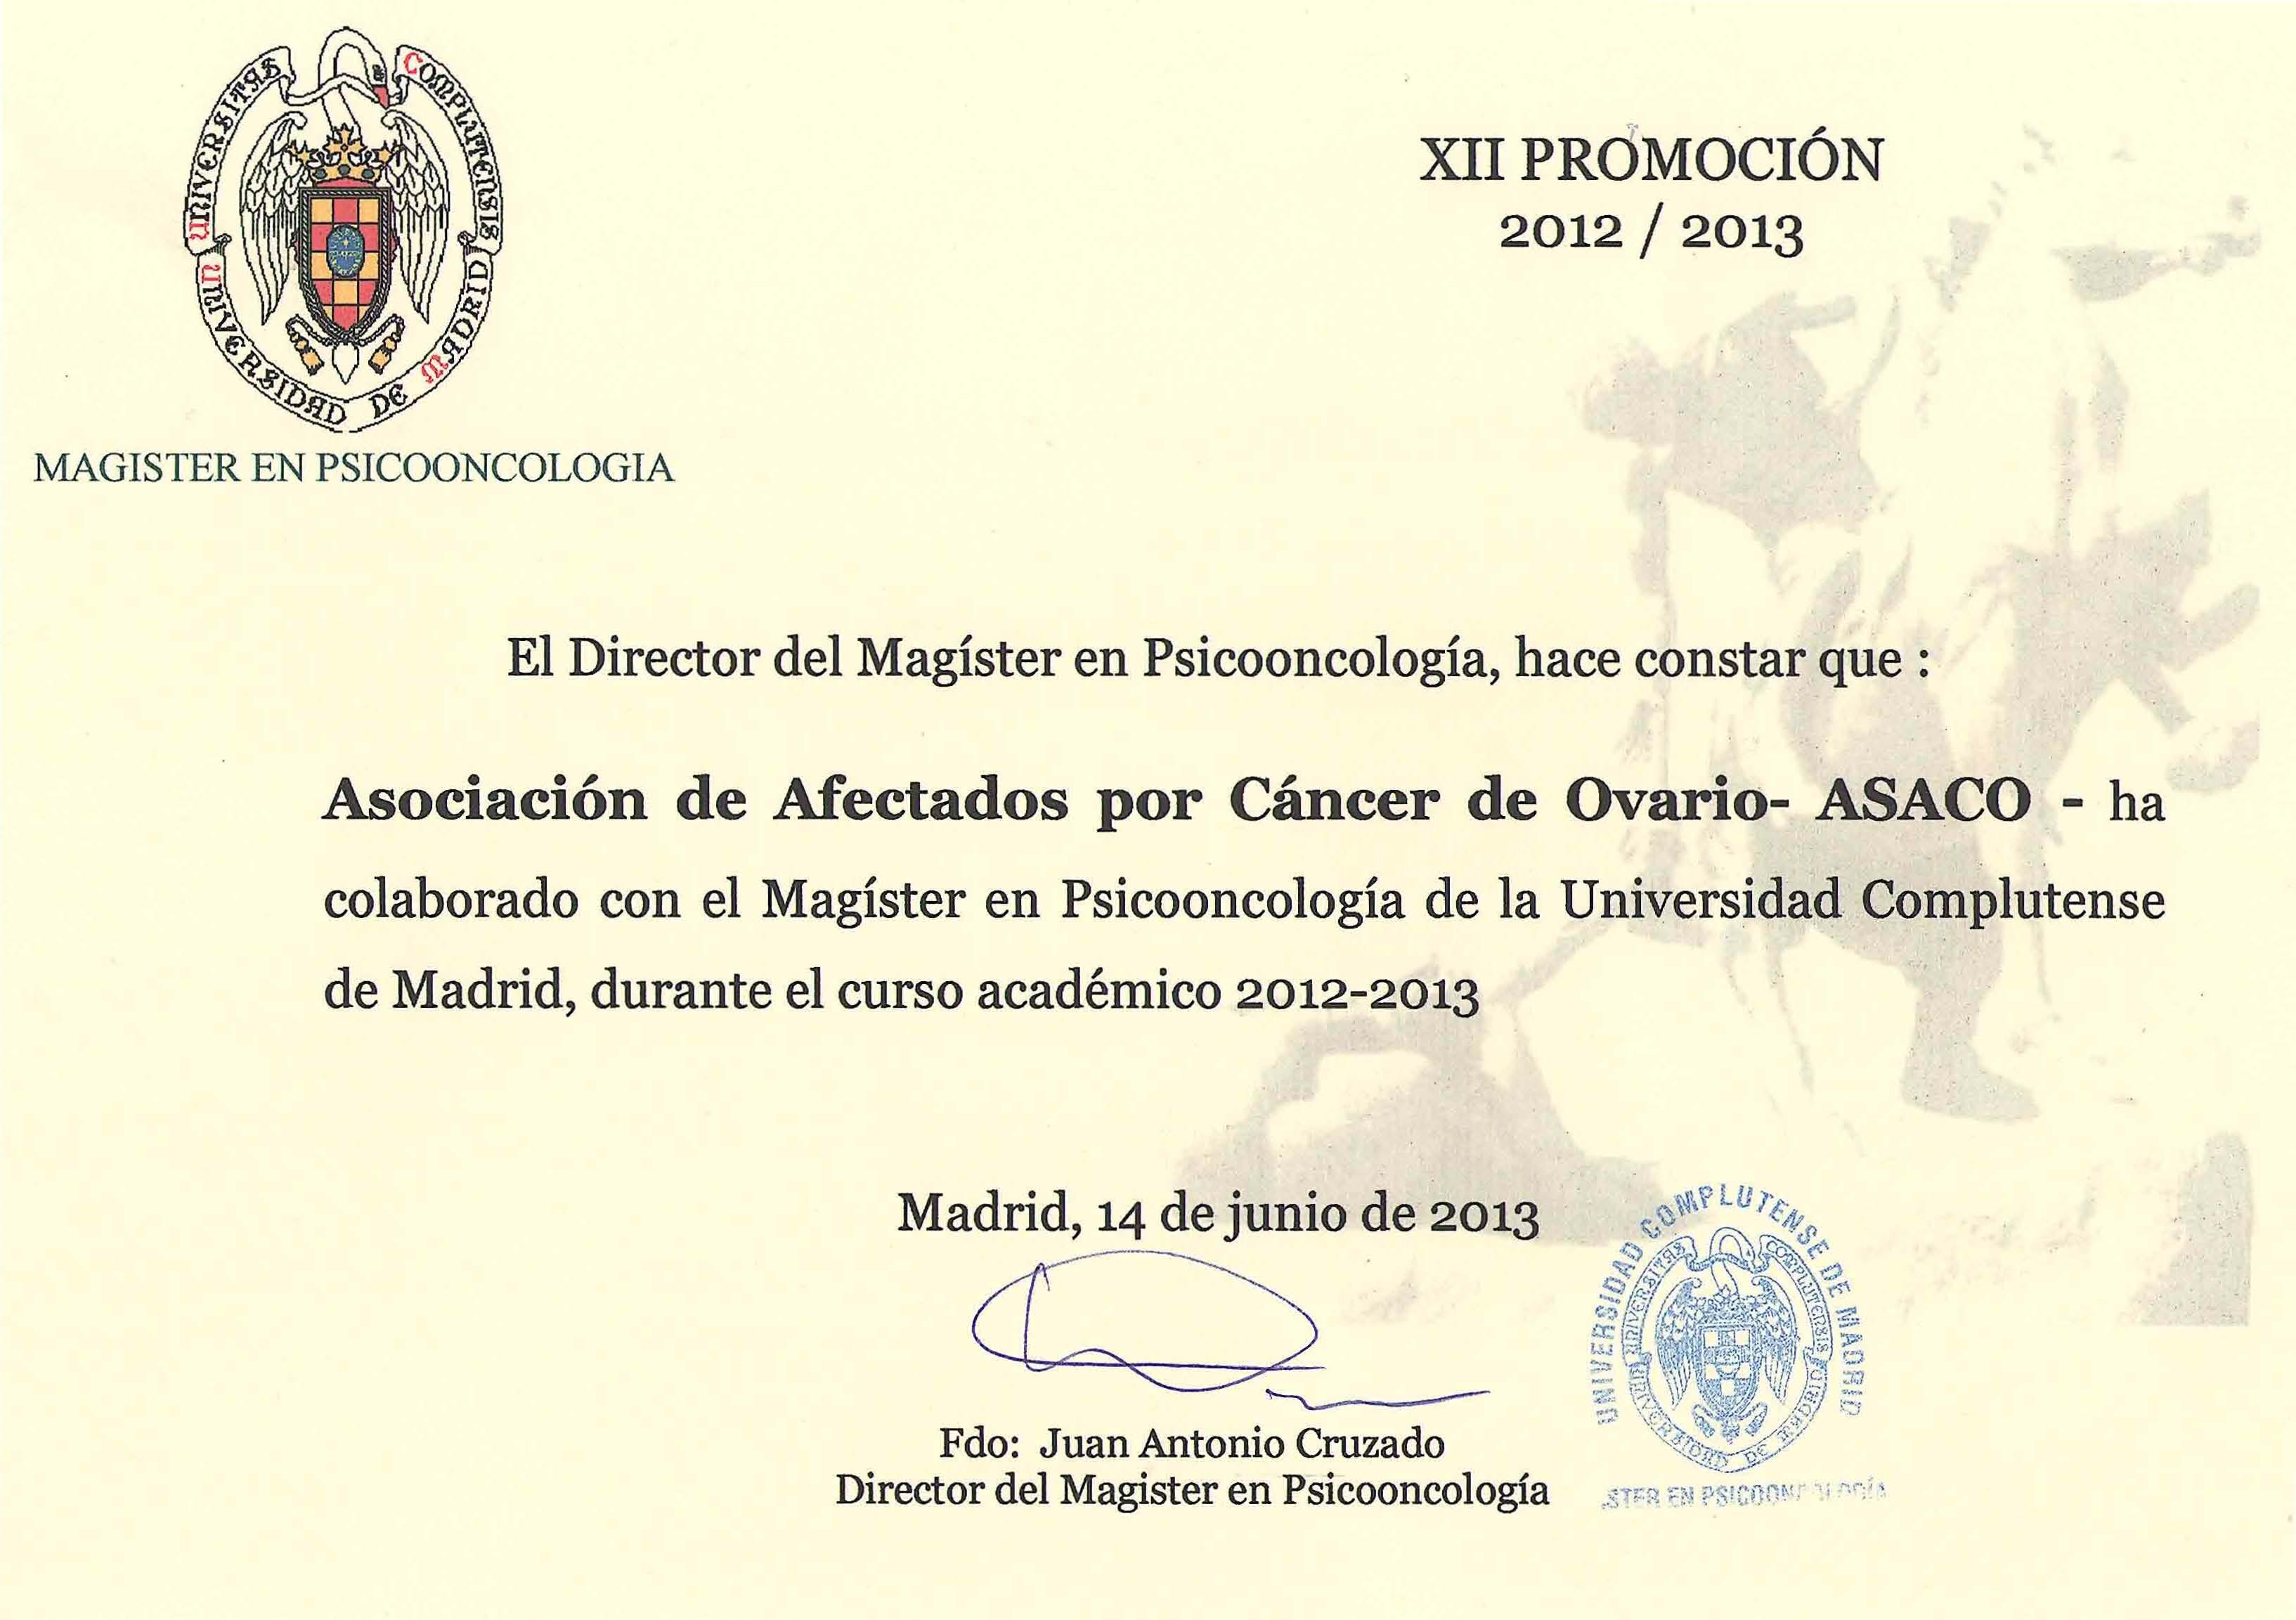 Convenio ASACO UCM 2013